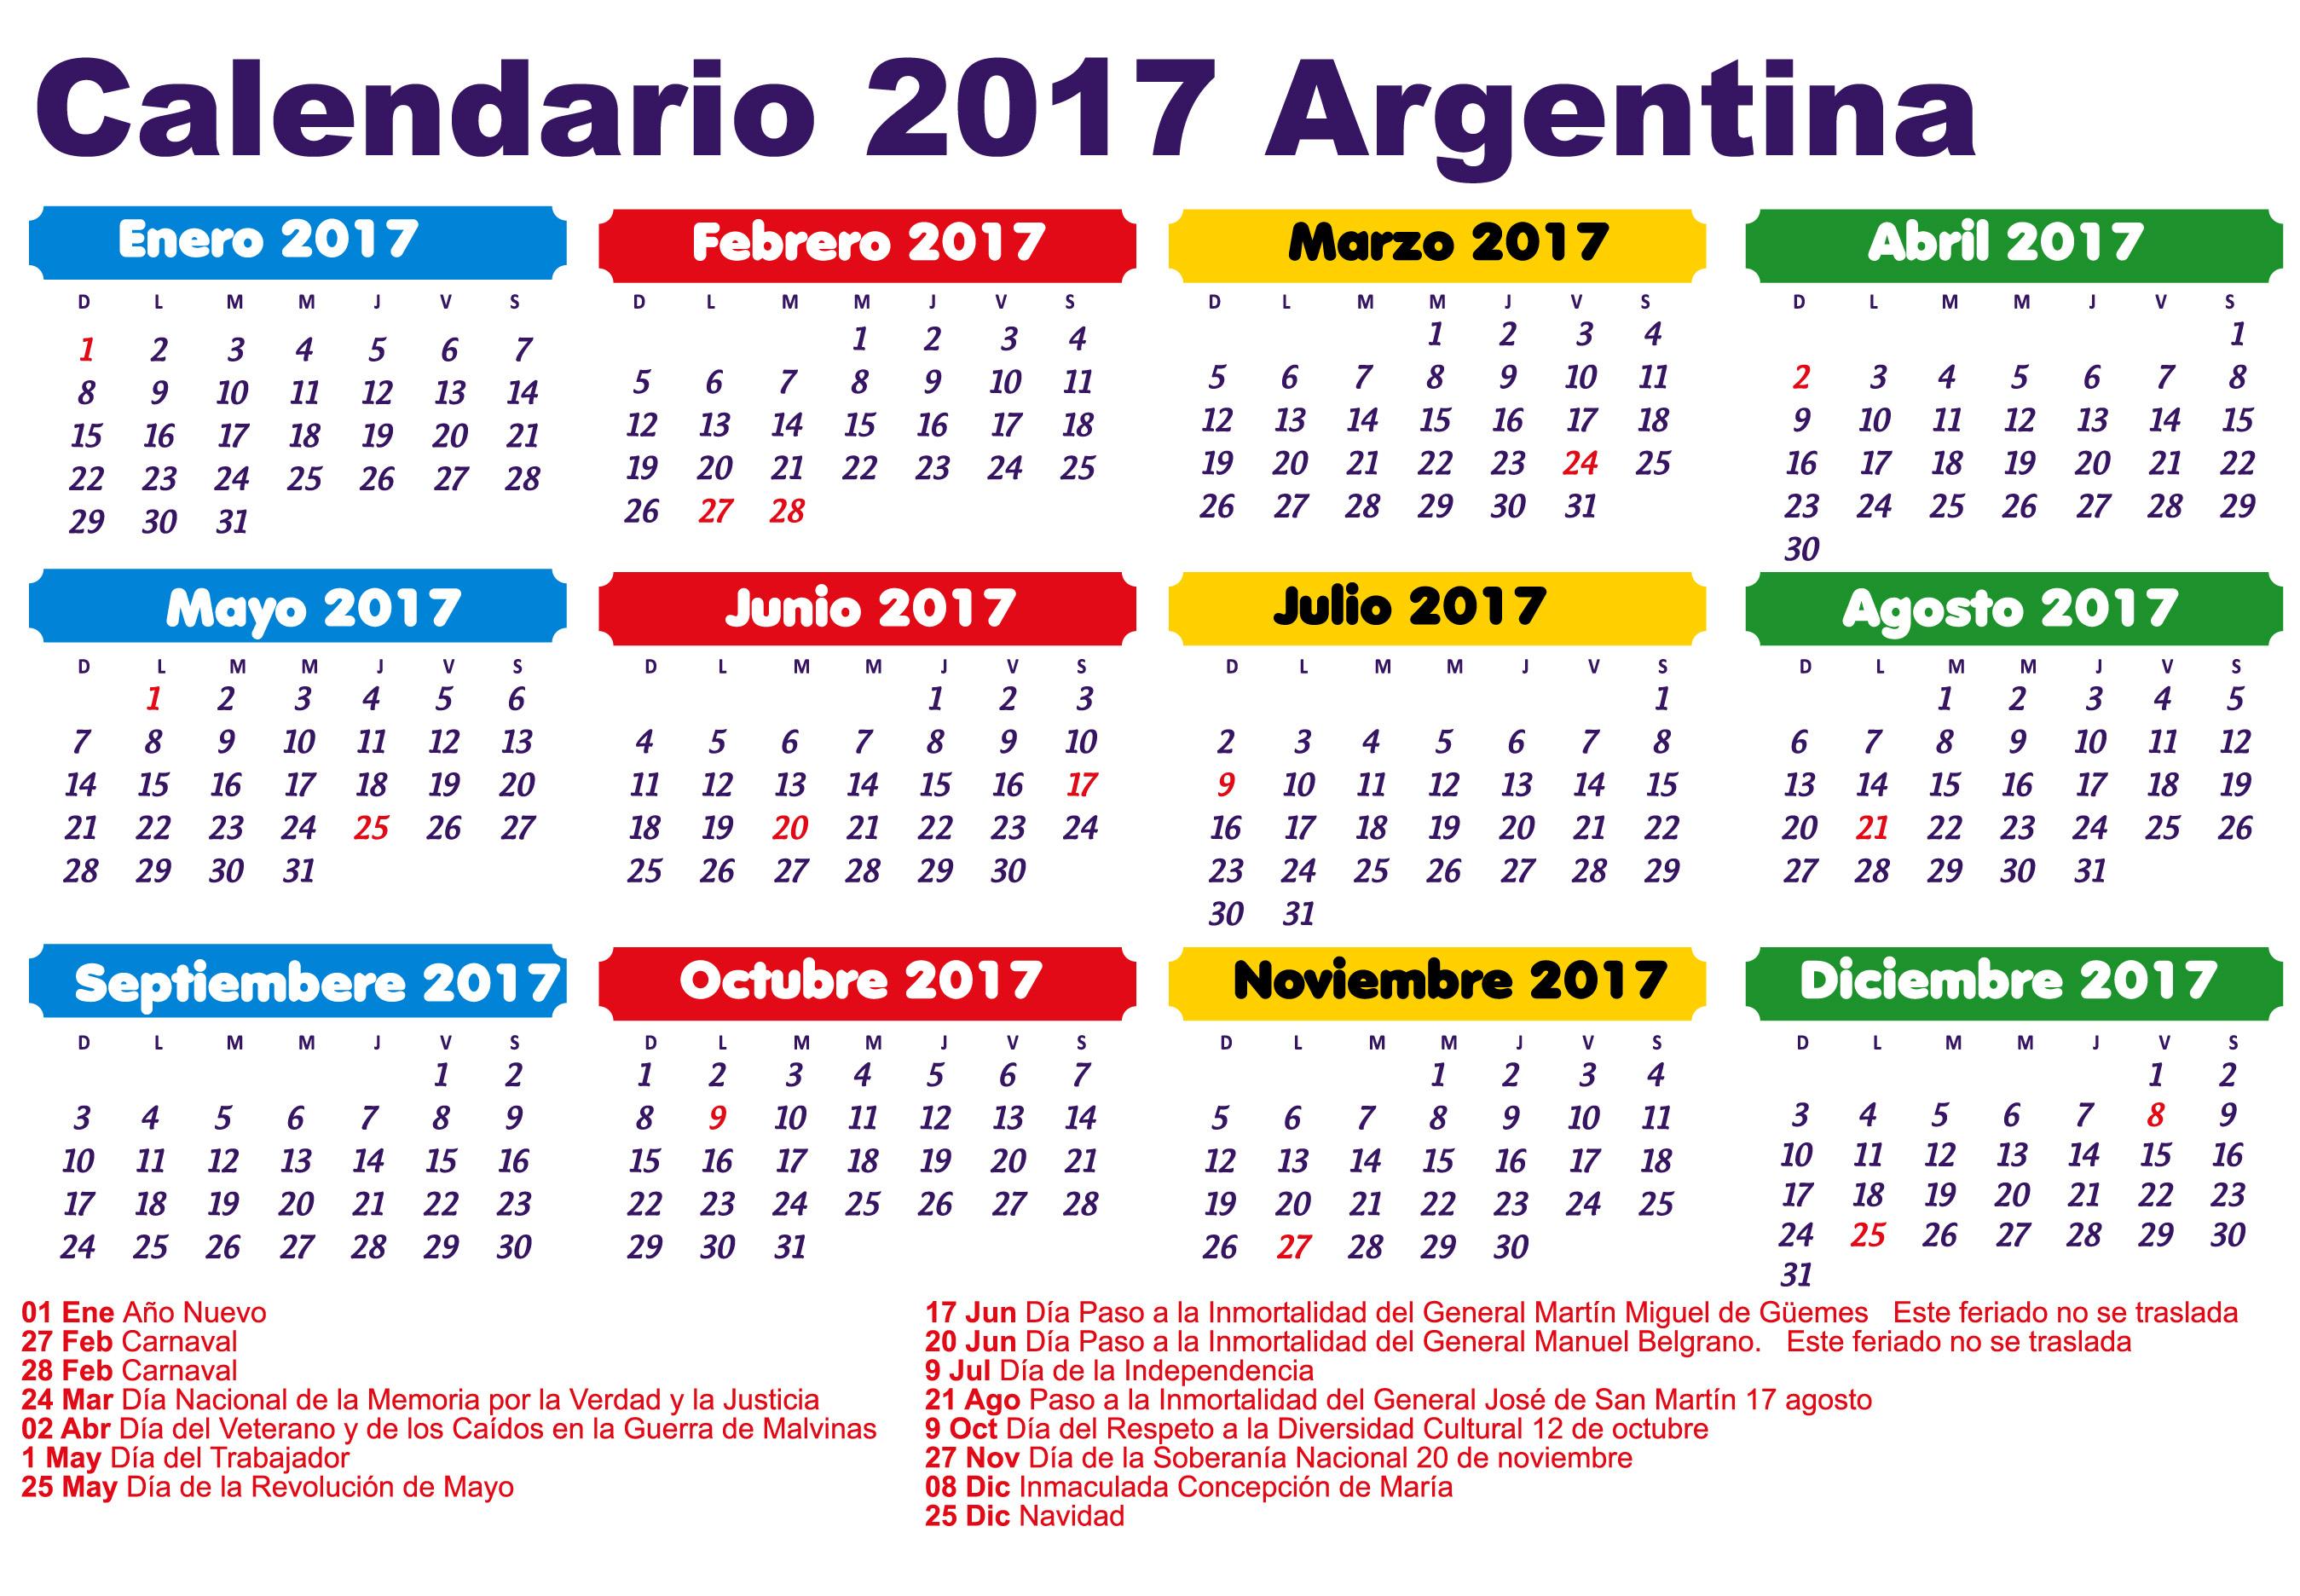 2017 Con Dias Feriados Y Festivos De Argentina Calendario Febrero ...